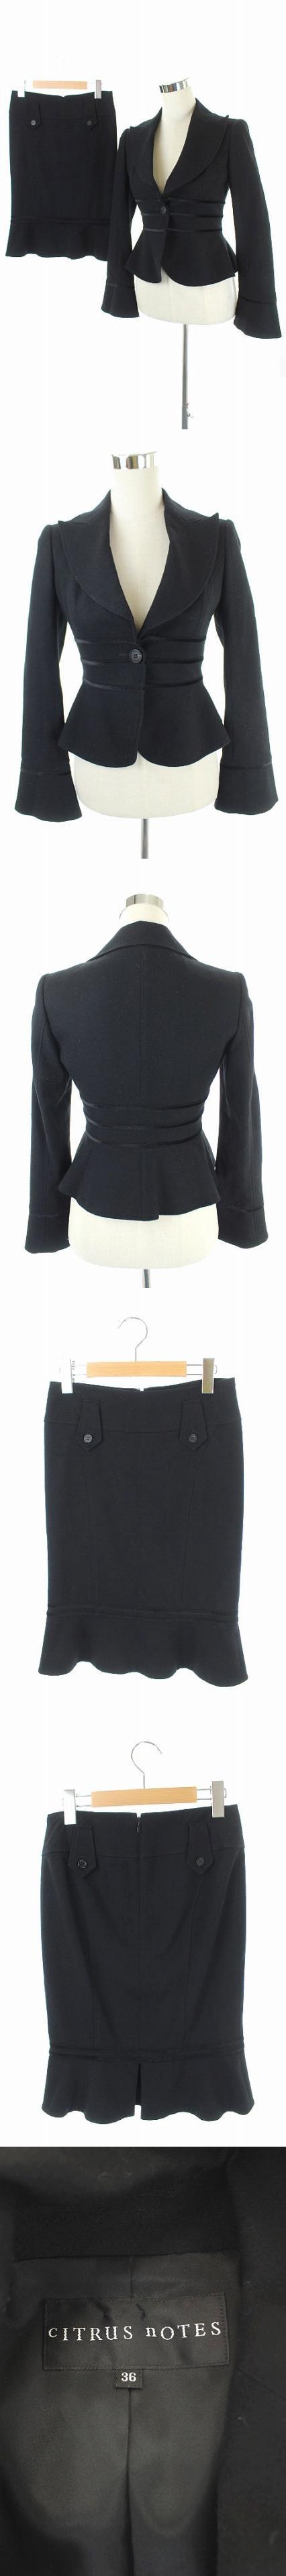 スーツ セットアップ 上下 ジャケット テーラード 総裏地 スカート マーメイド 膝丈 36 34 黒 /AA ■OS